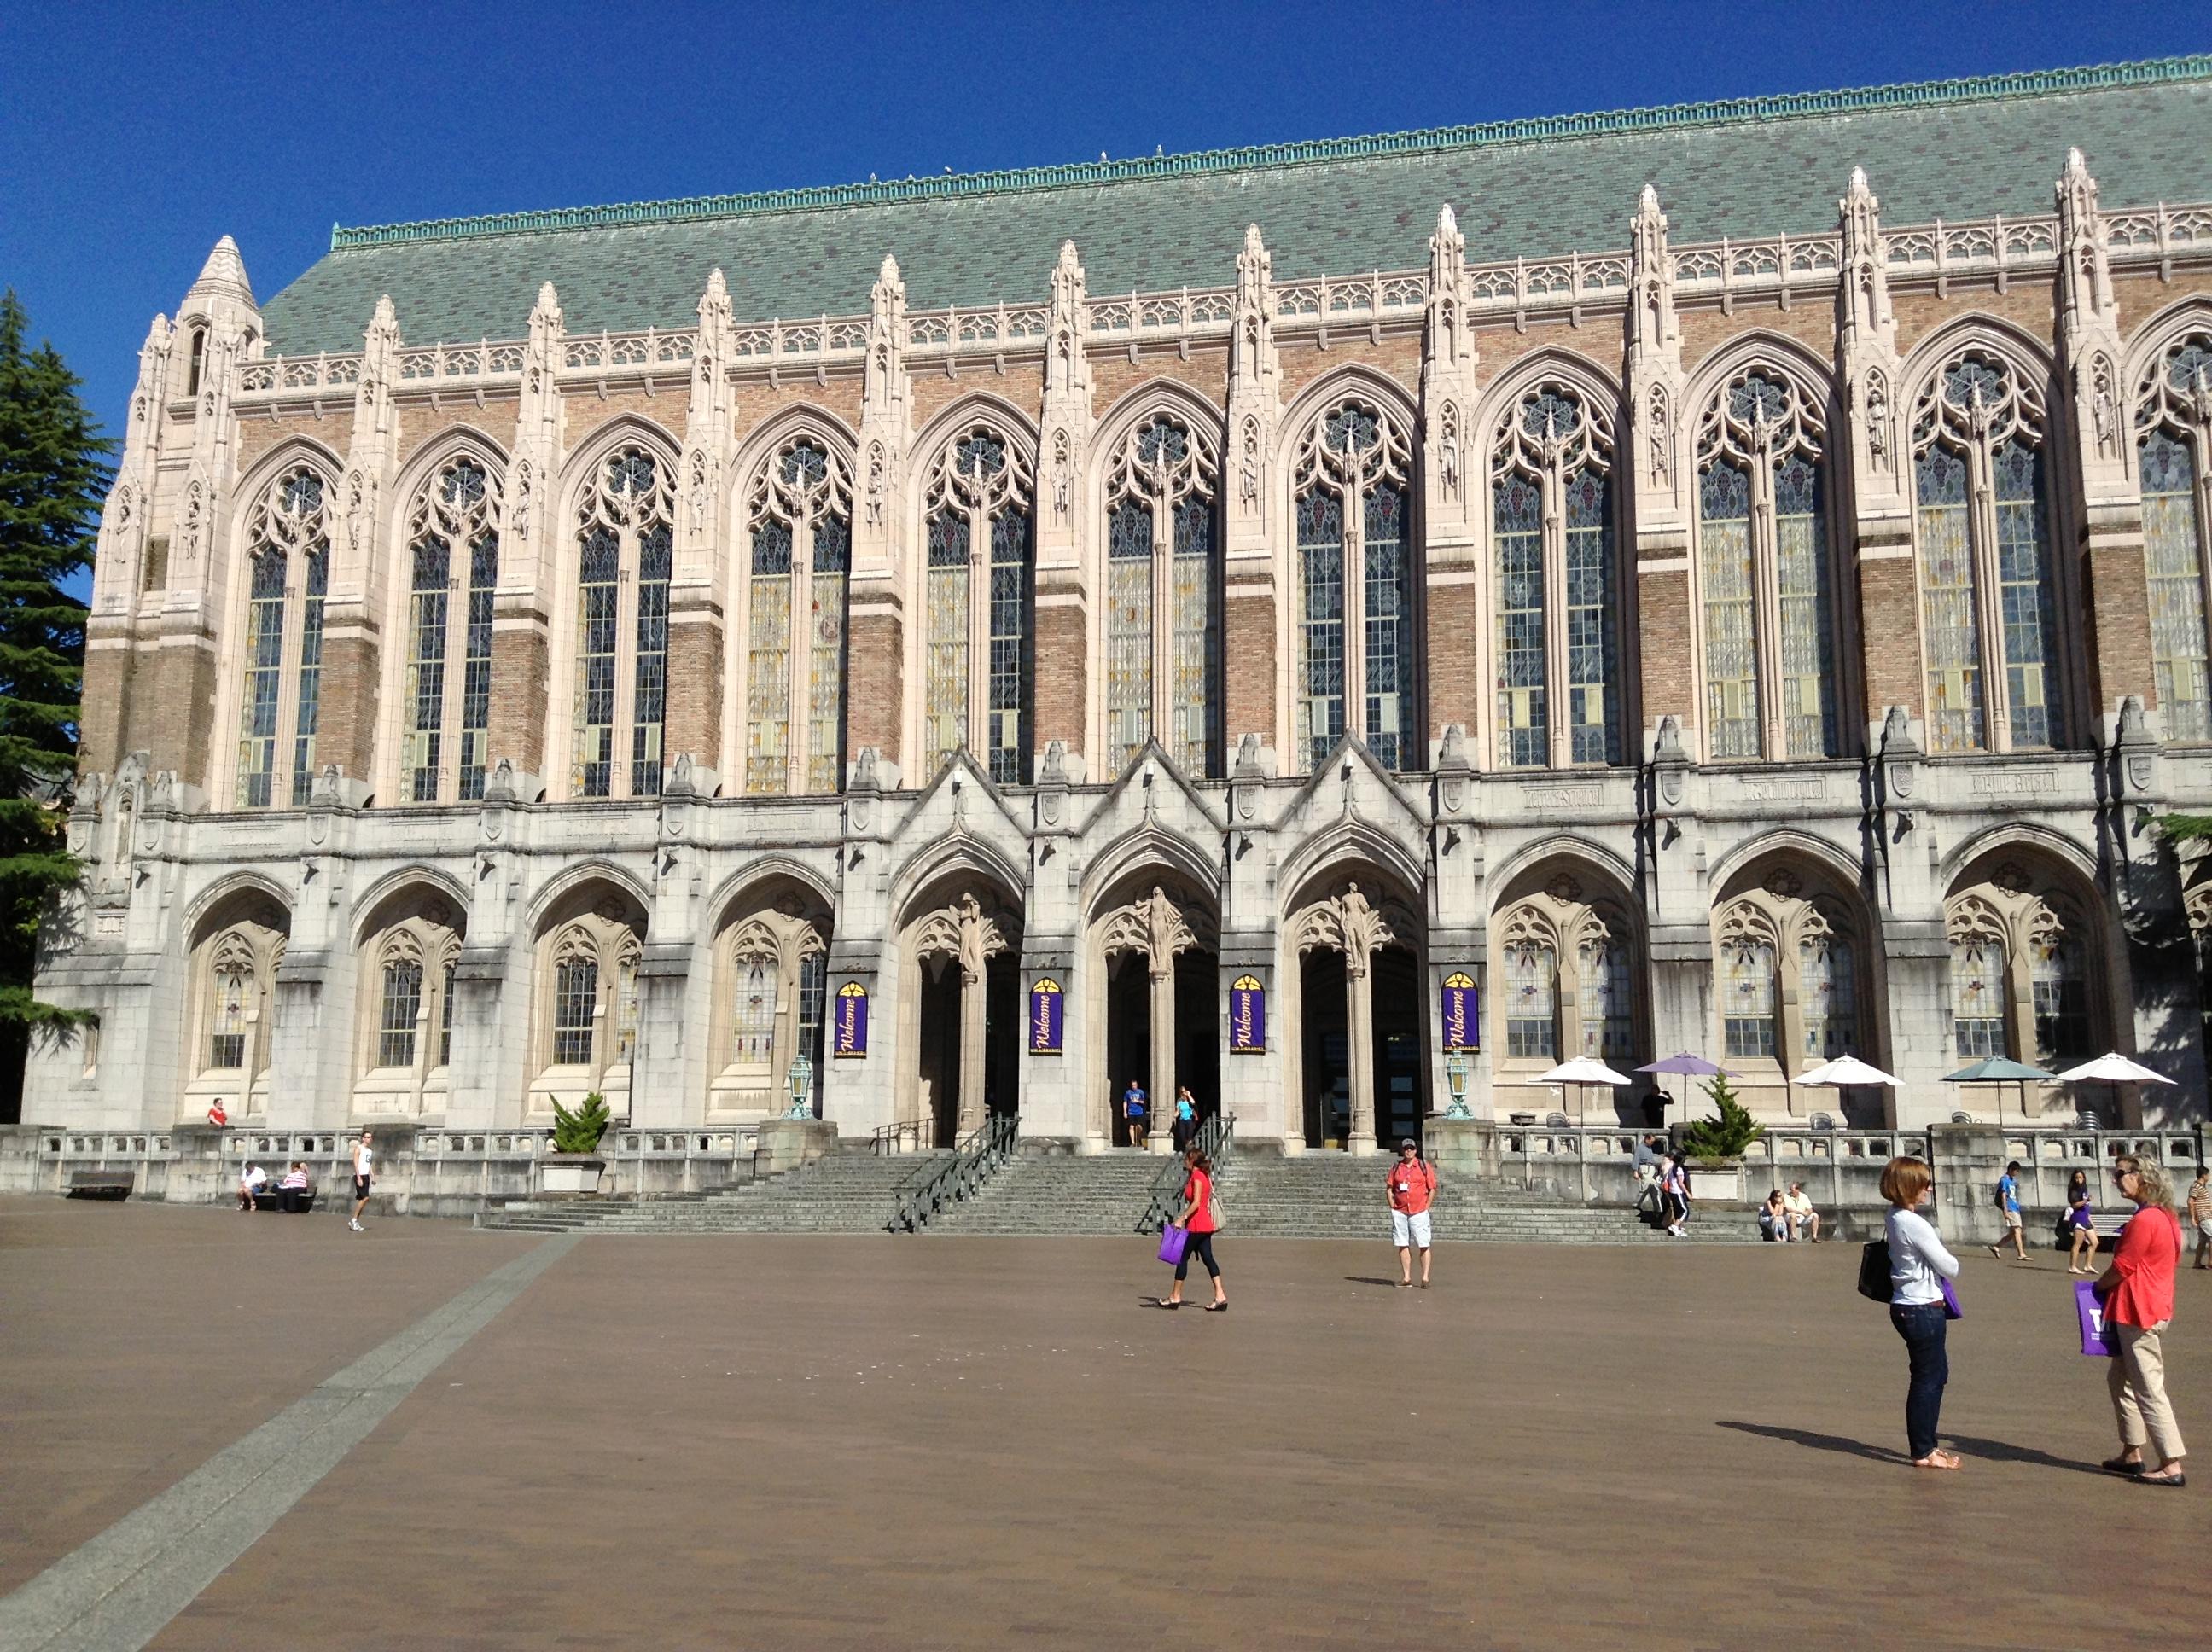 然后校园建筑物都很欧式